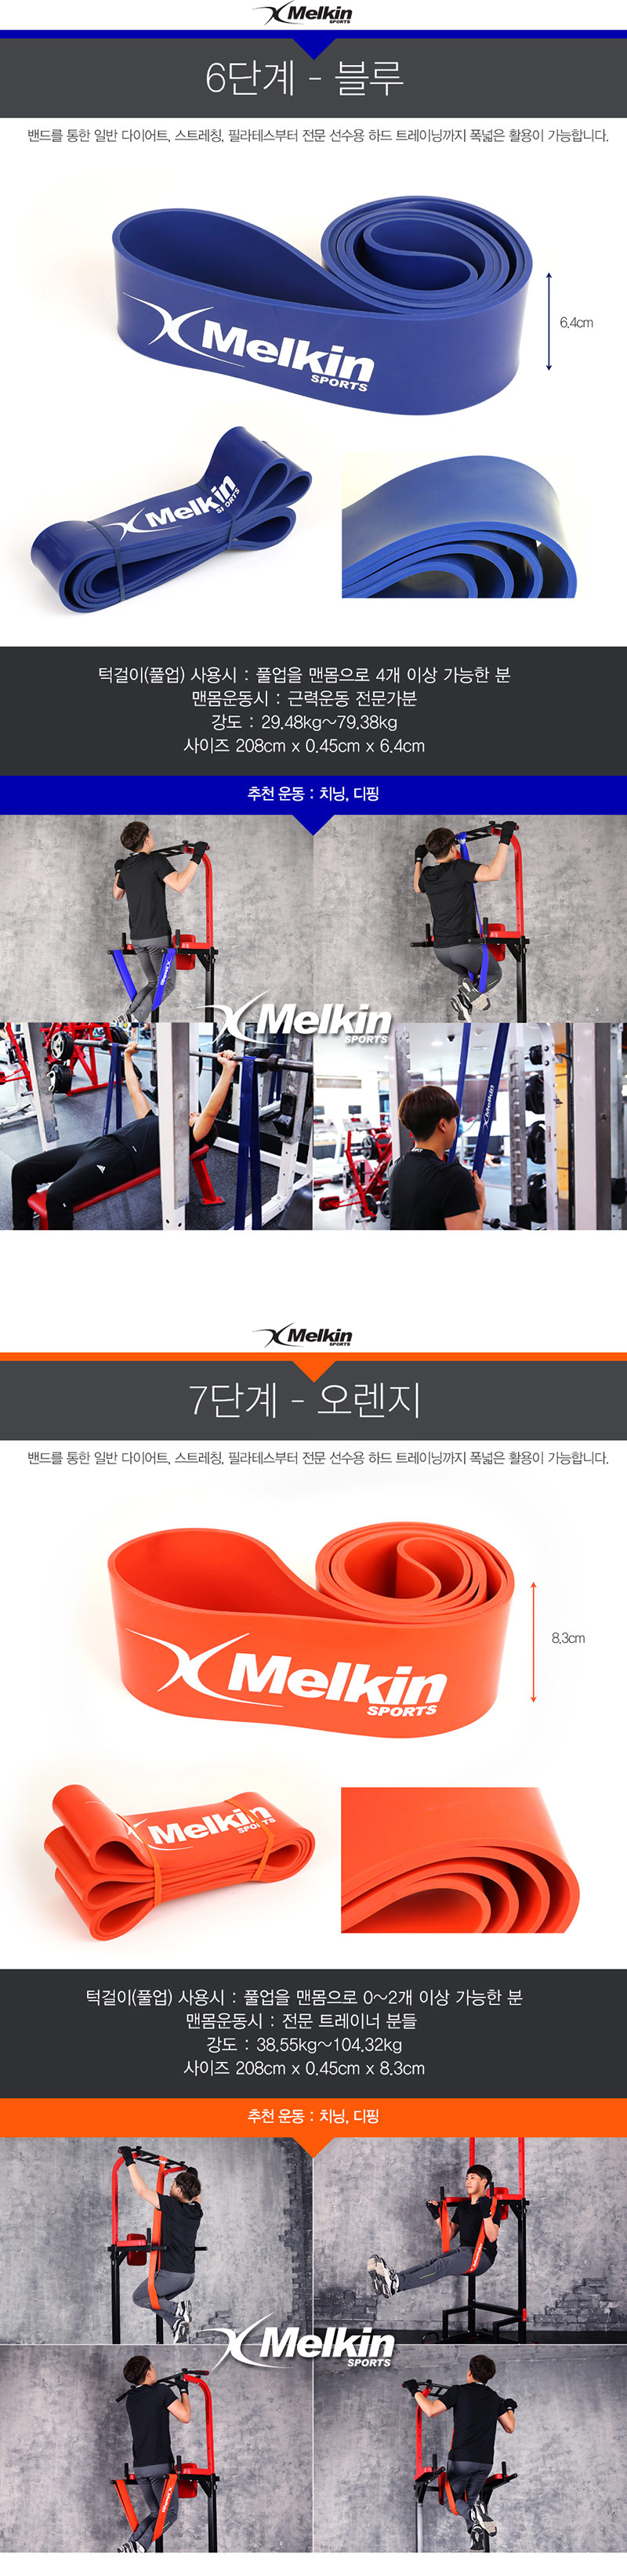 멜킨스포츠 풀업밴드 4단계 라텍스밴드 - 멜킨스포츠, 11,400원, 운동기구/소품, 운동소품